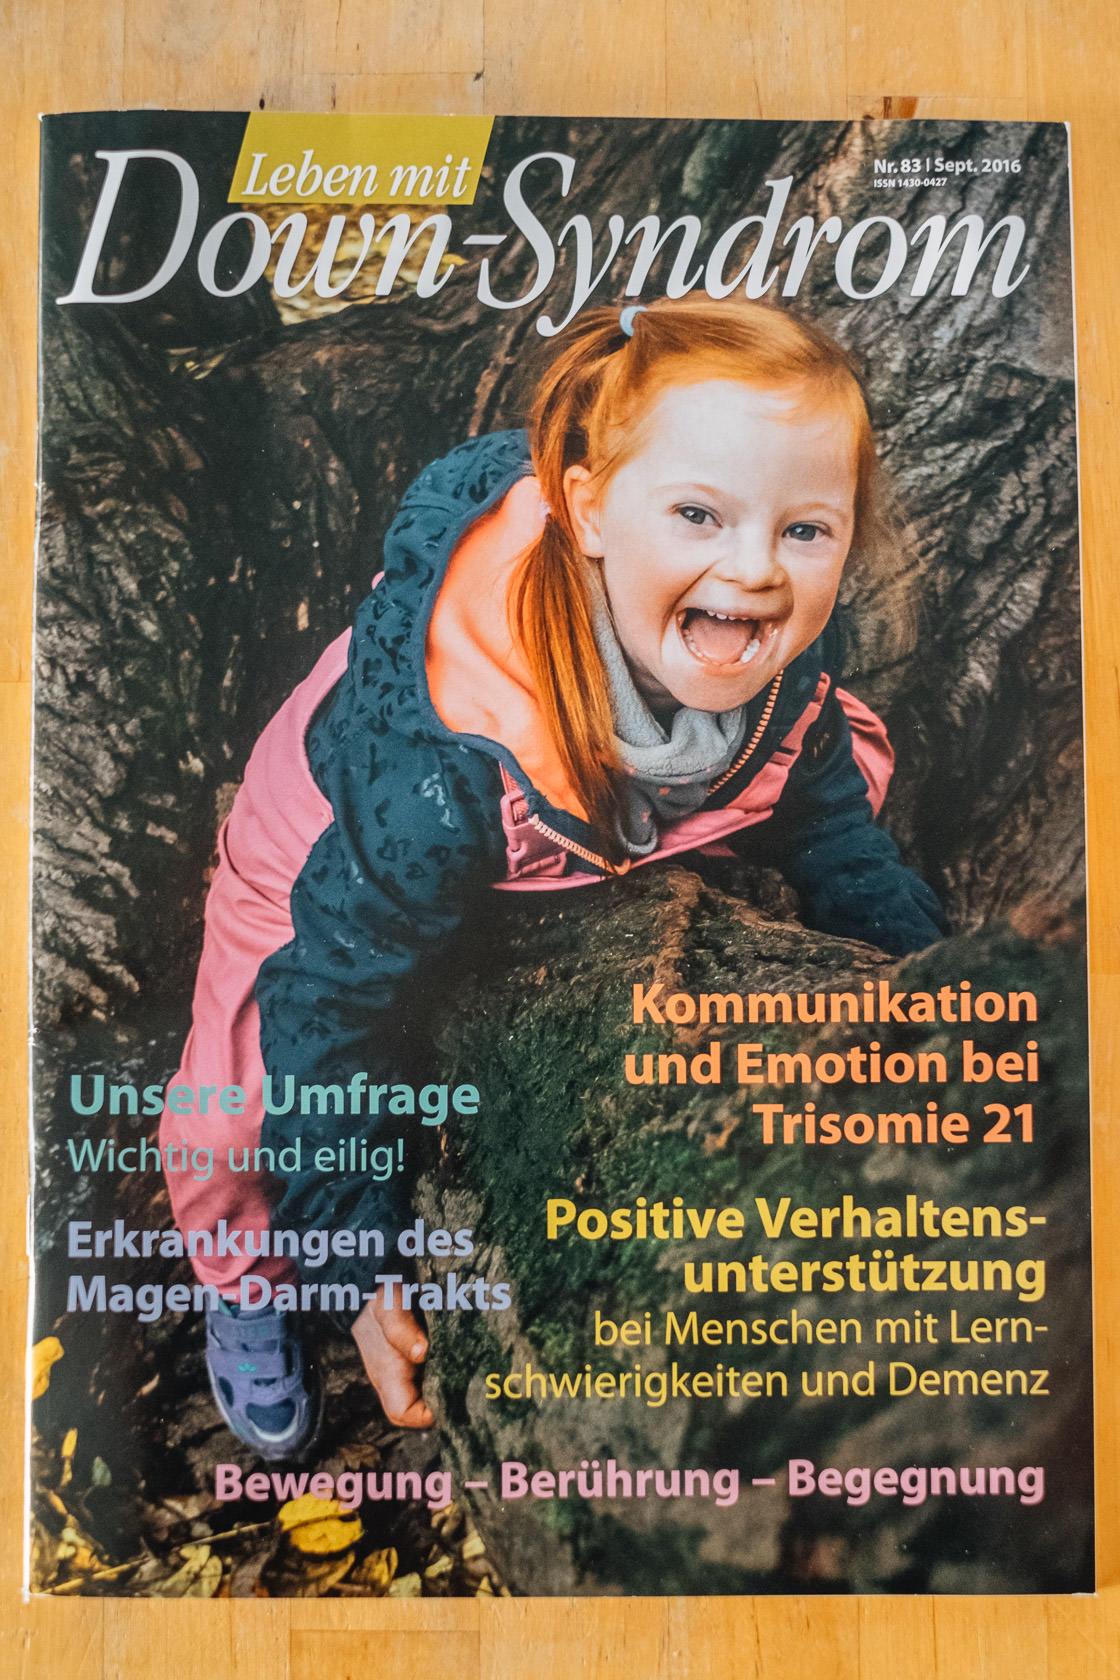 Das erste Zeitschriftencover Leben mit Downsyndrom